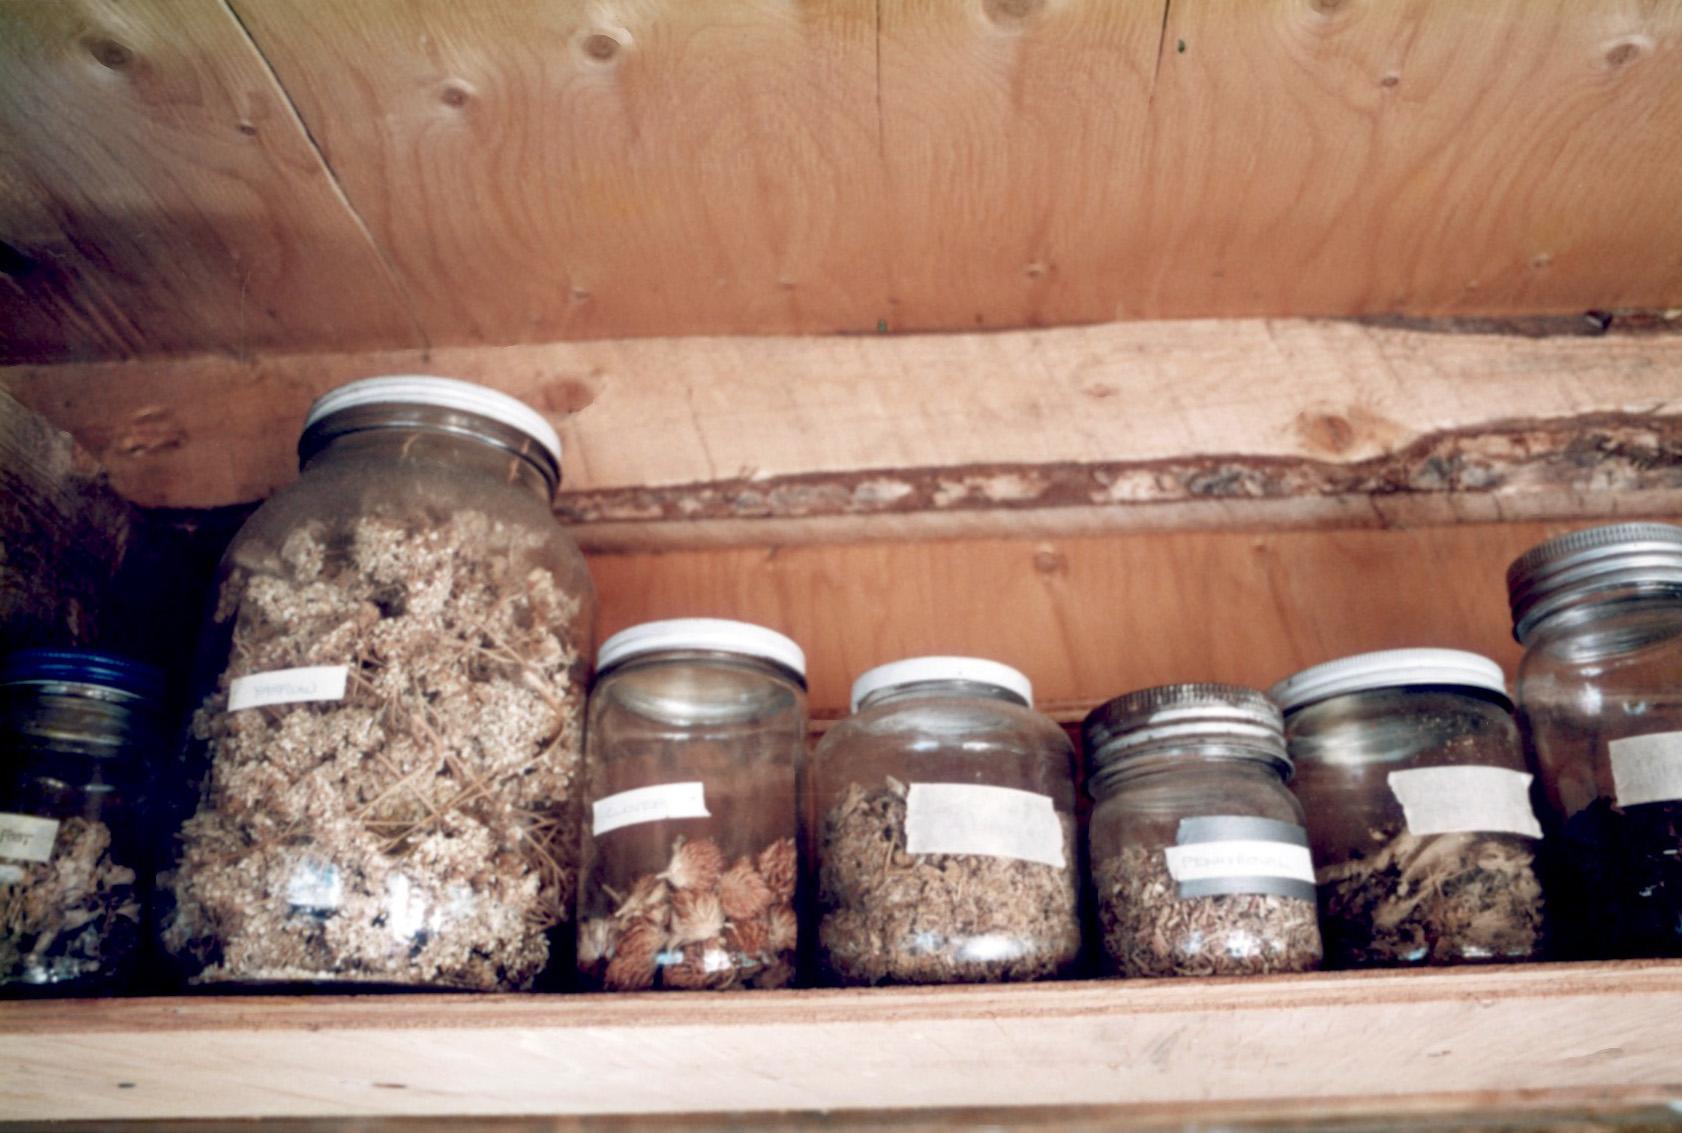 teas in jars